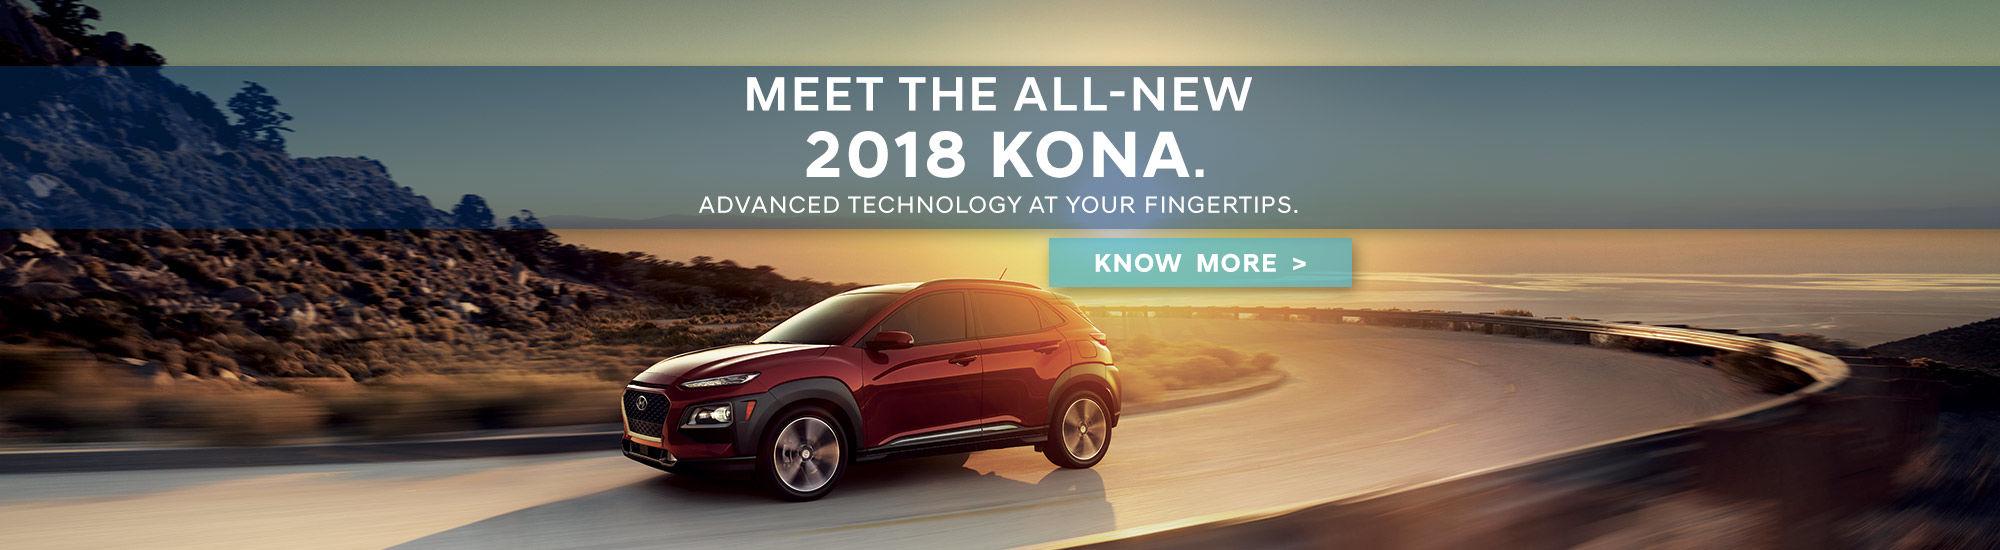 Hyundai 2018 Kona